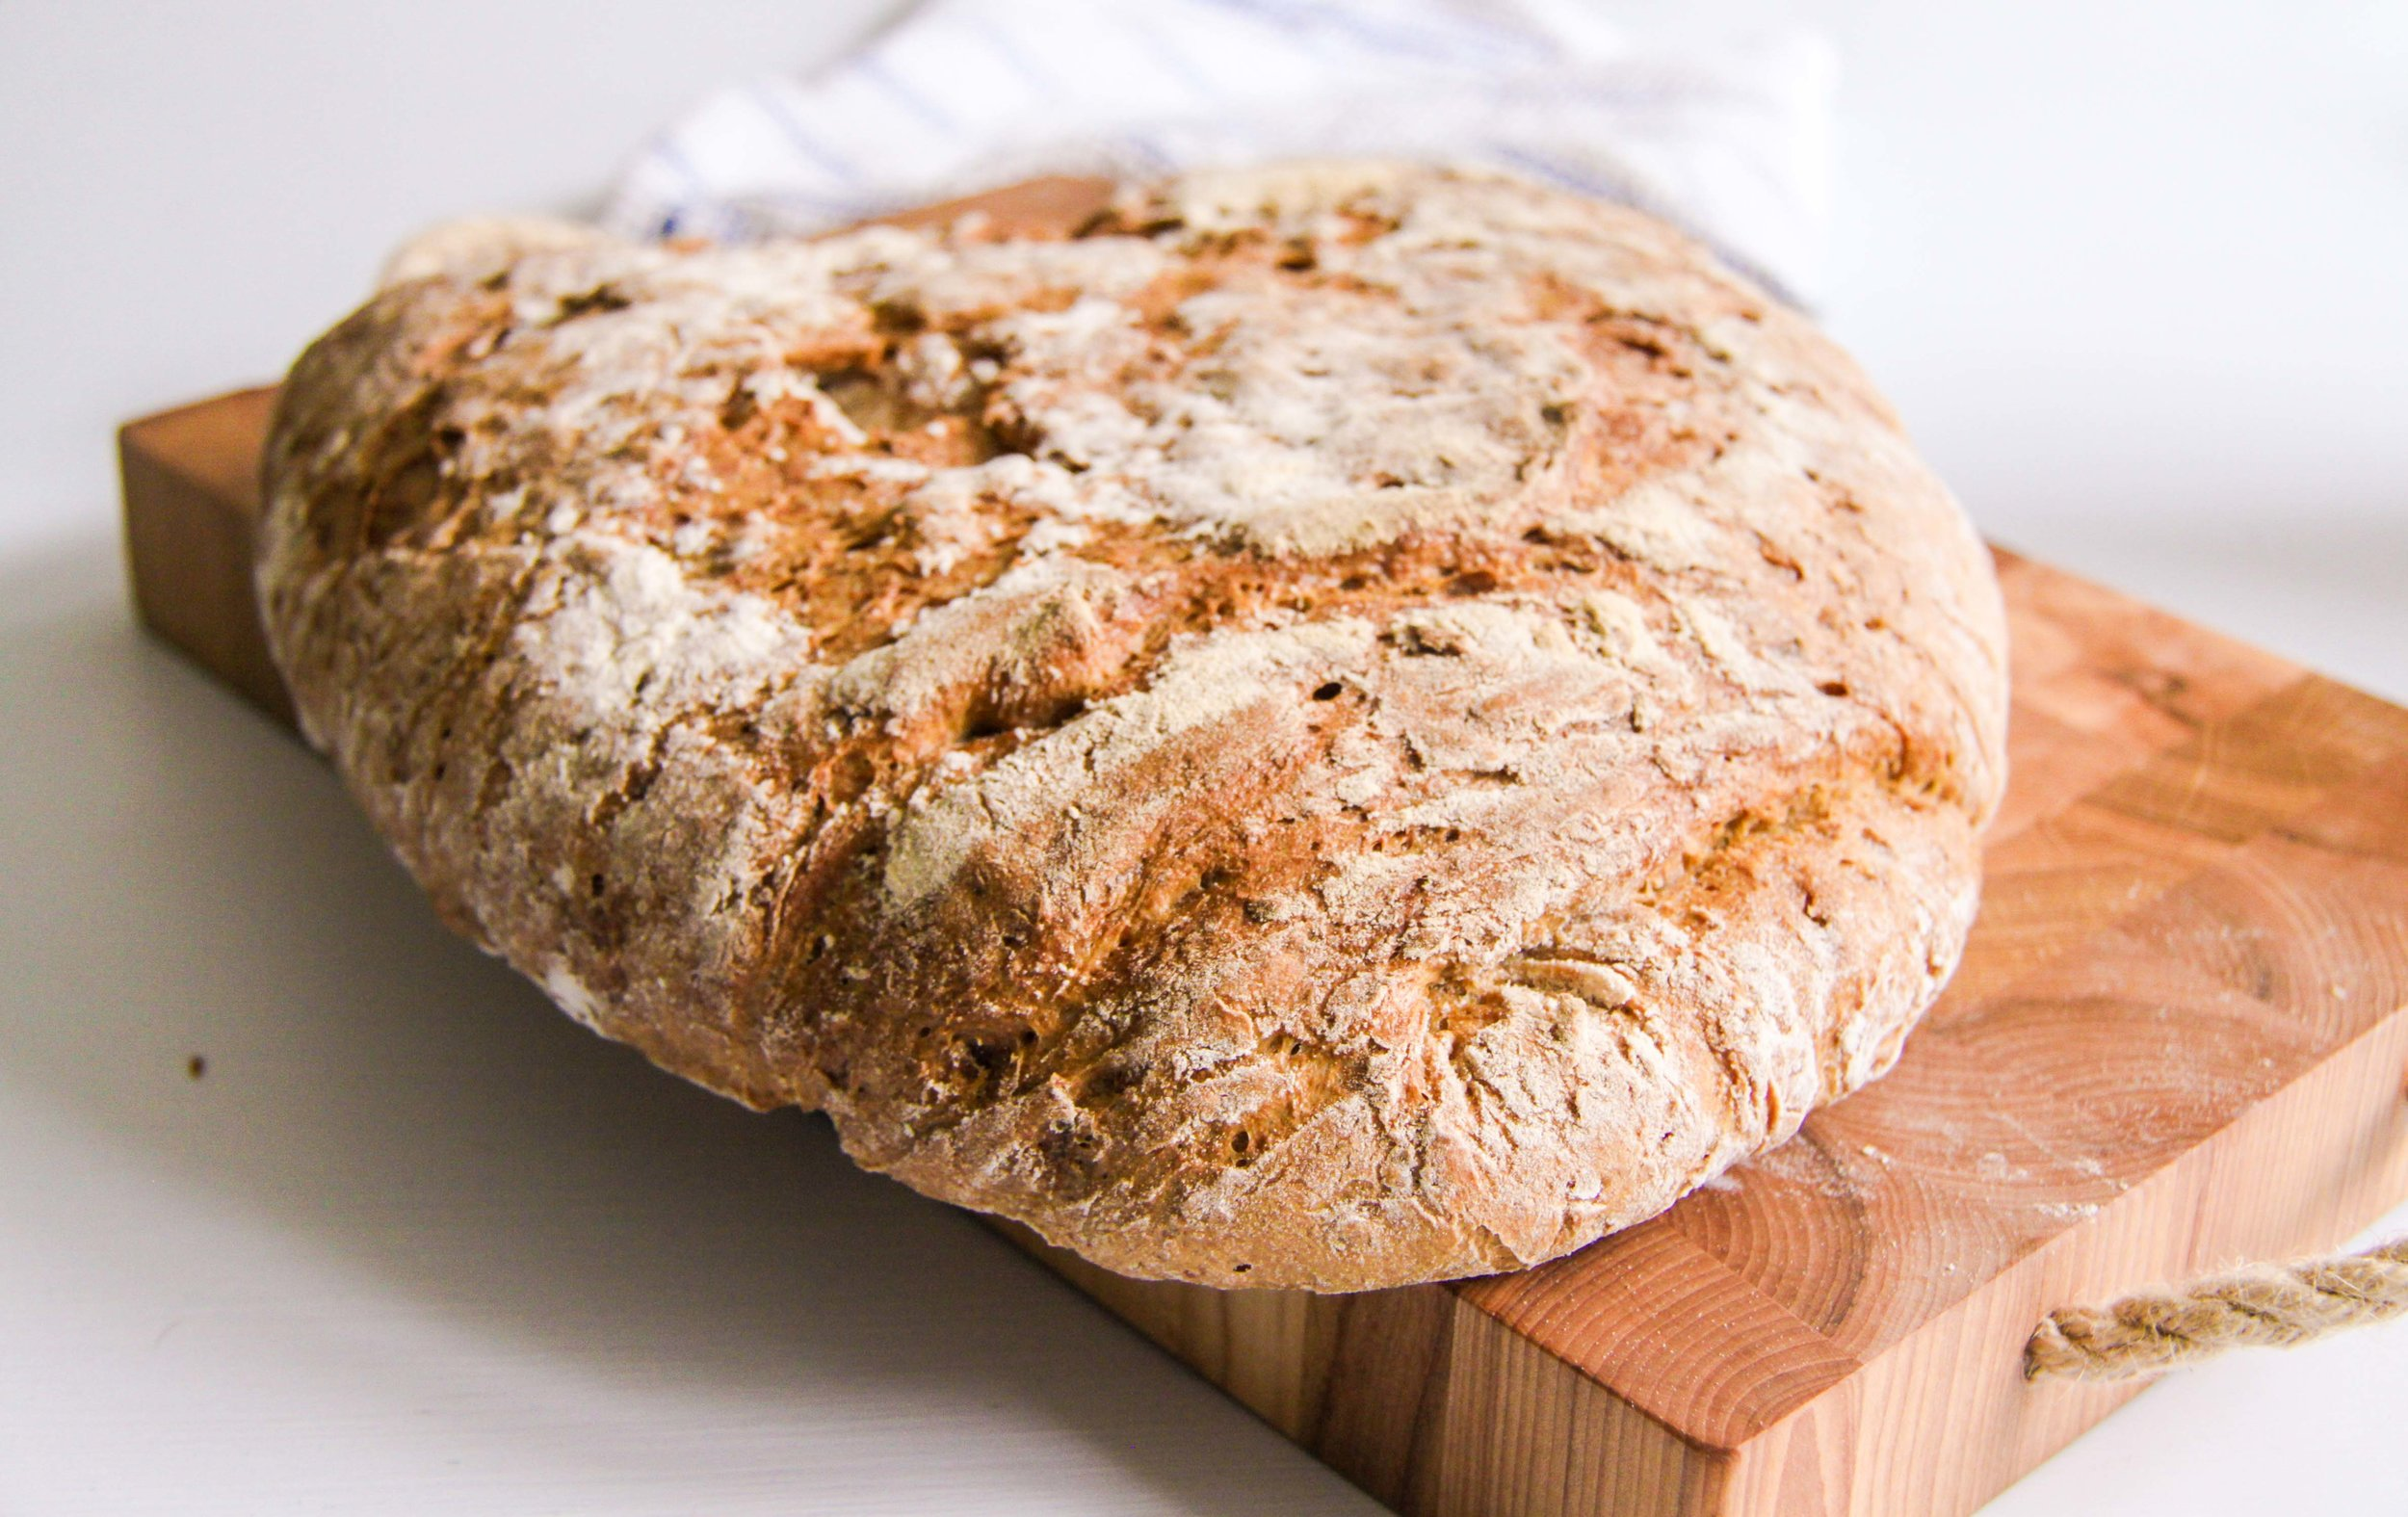 Grovt morotsbröd med rågmjöl